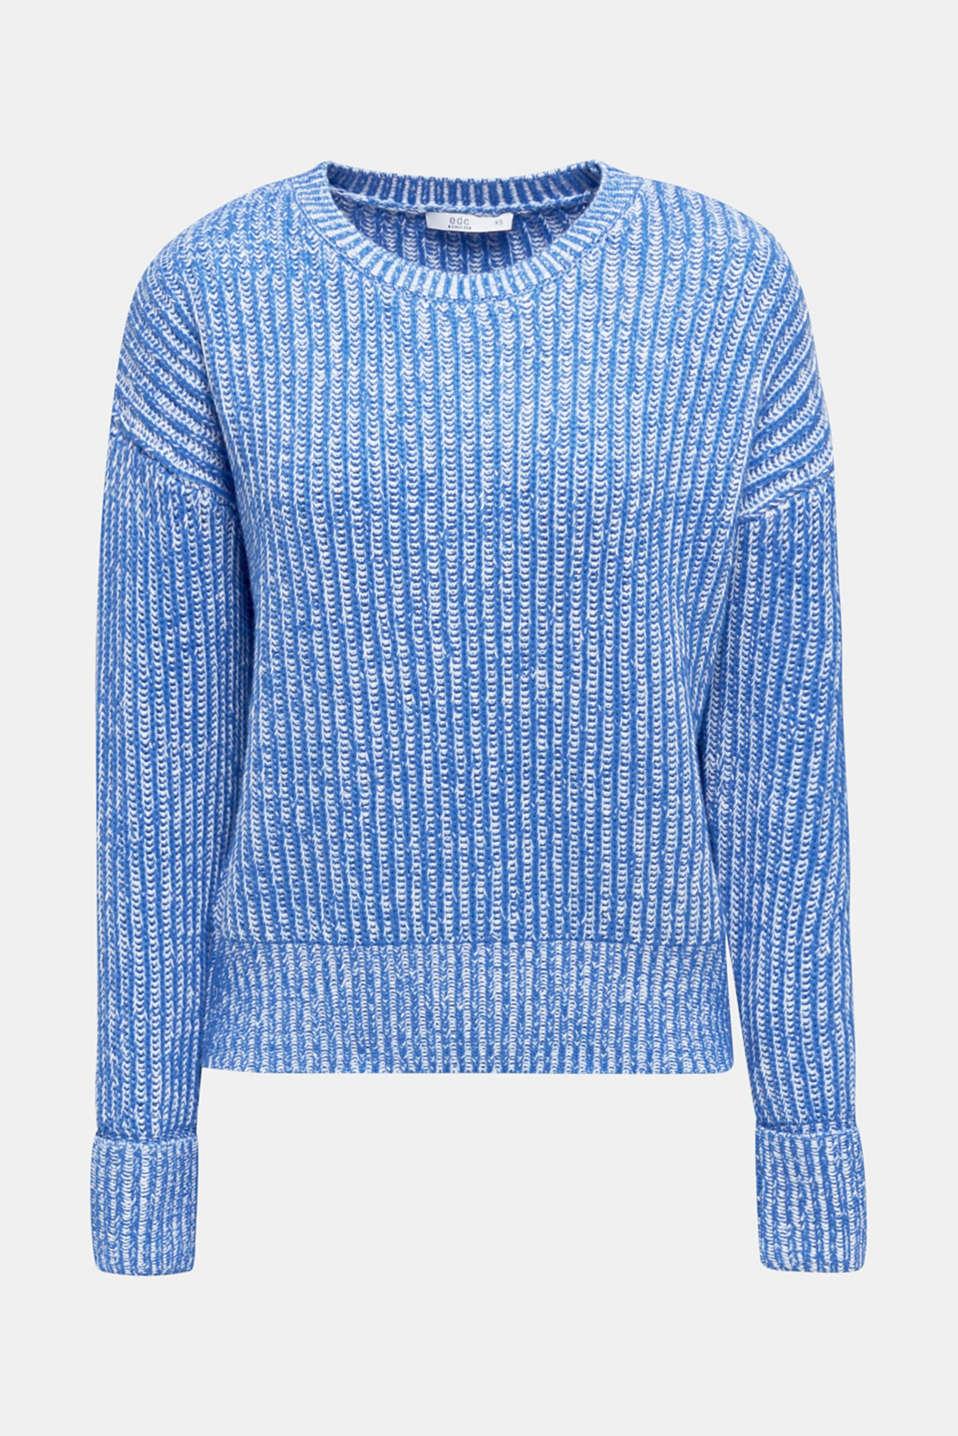 Melange chunky knit jumper, BRIGHT BLUE 2, detail image number 4